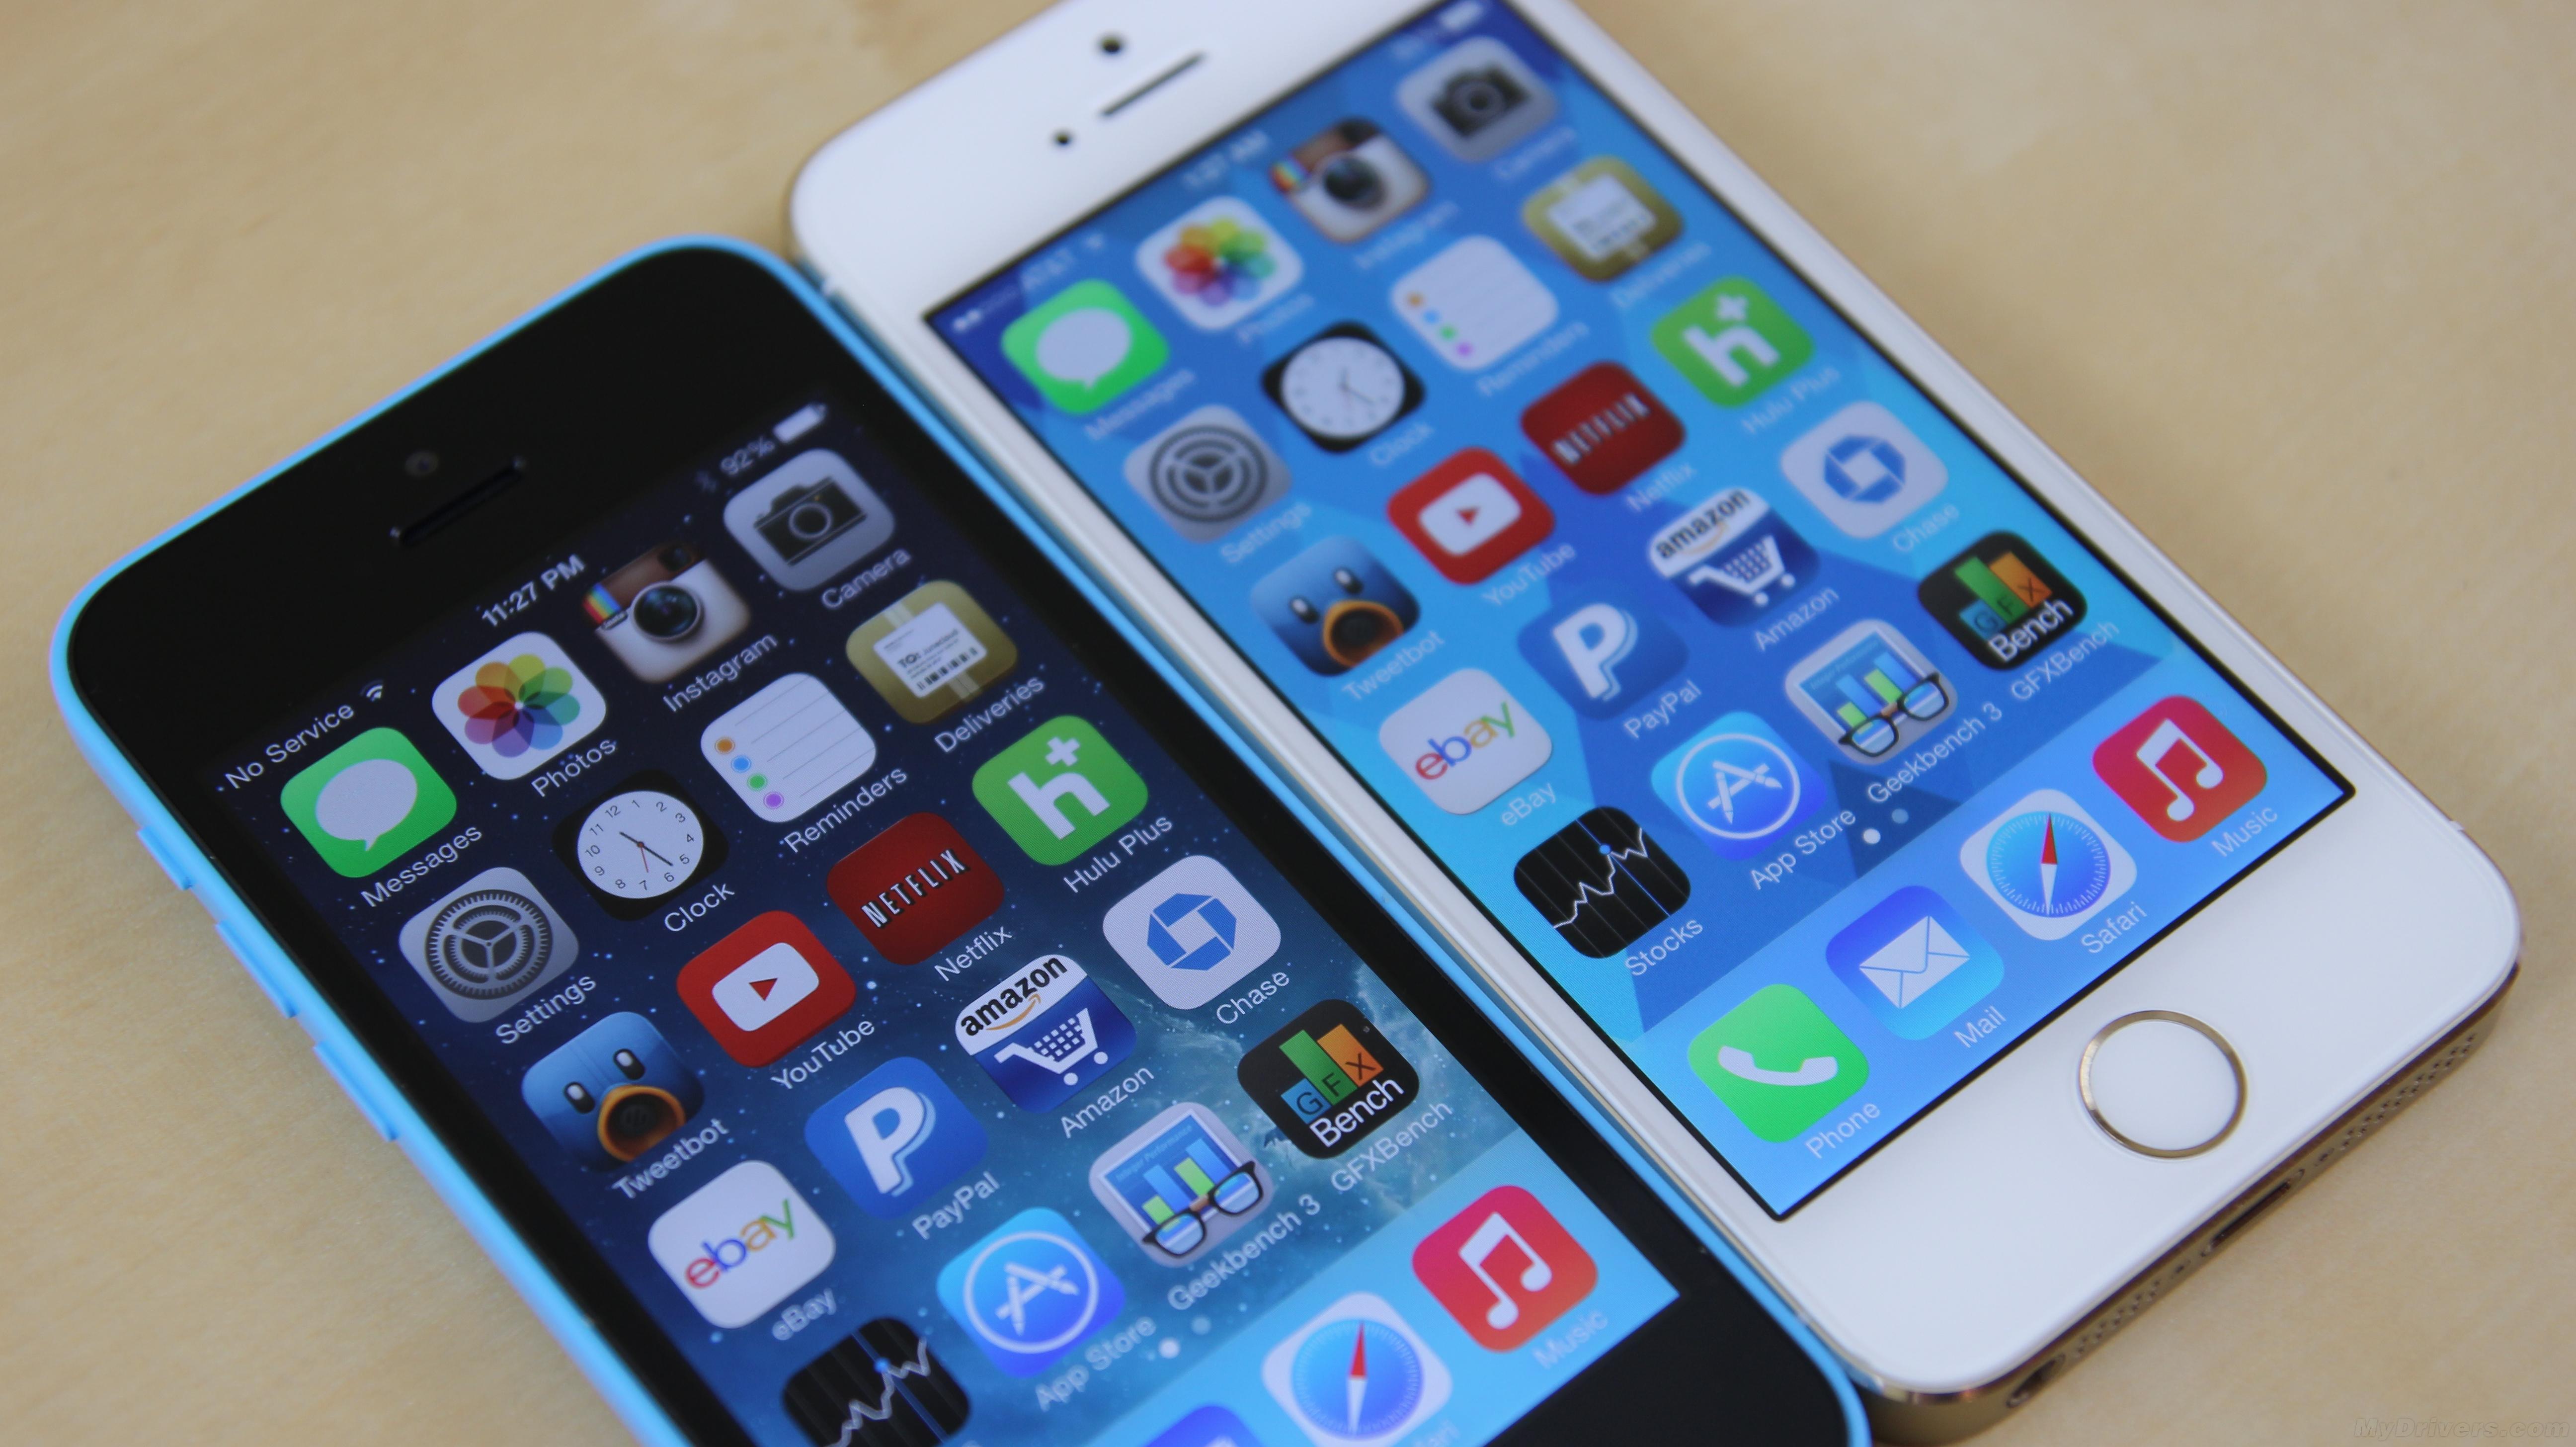 苹果iPhone 6将搭载4.8英寸显示屏 产品更新周期加速